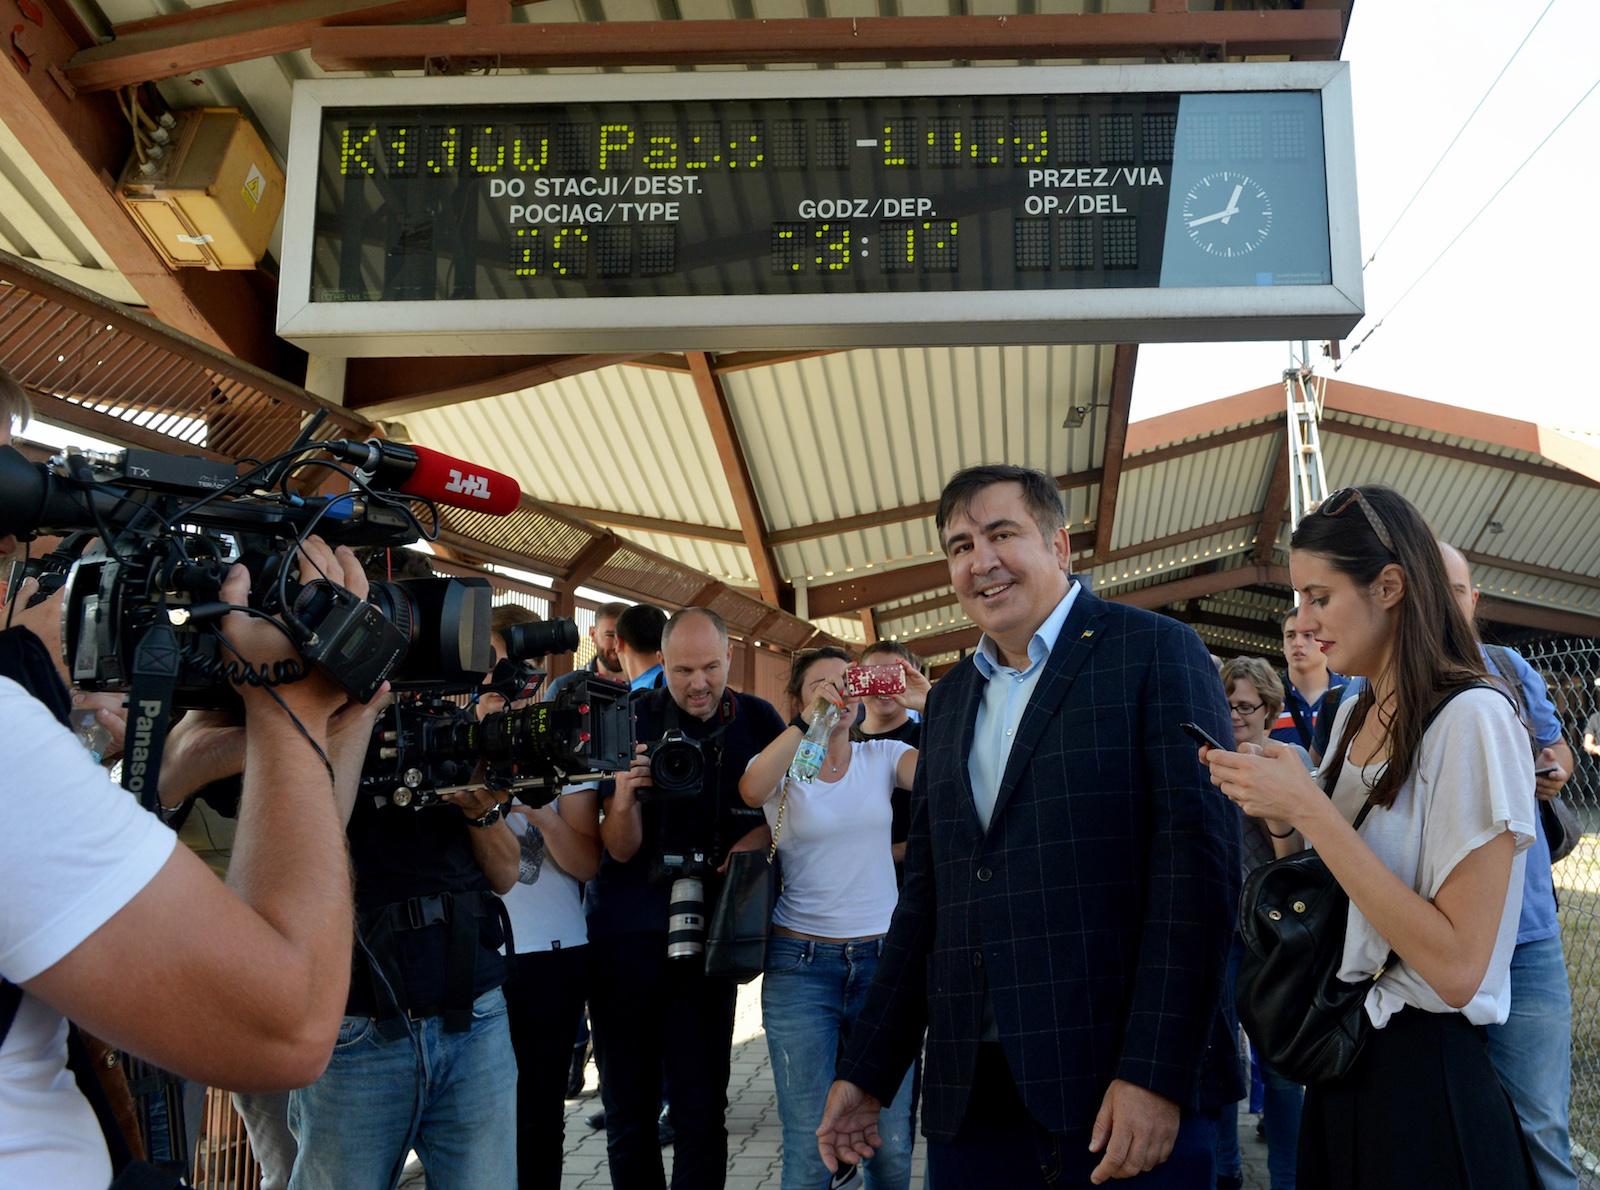 მიხეილ სააკაშვილის რკინიგზის სადგურში © EPA-EFE/Darek Delmanowicz POLAND OUT